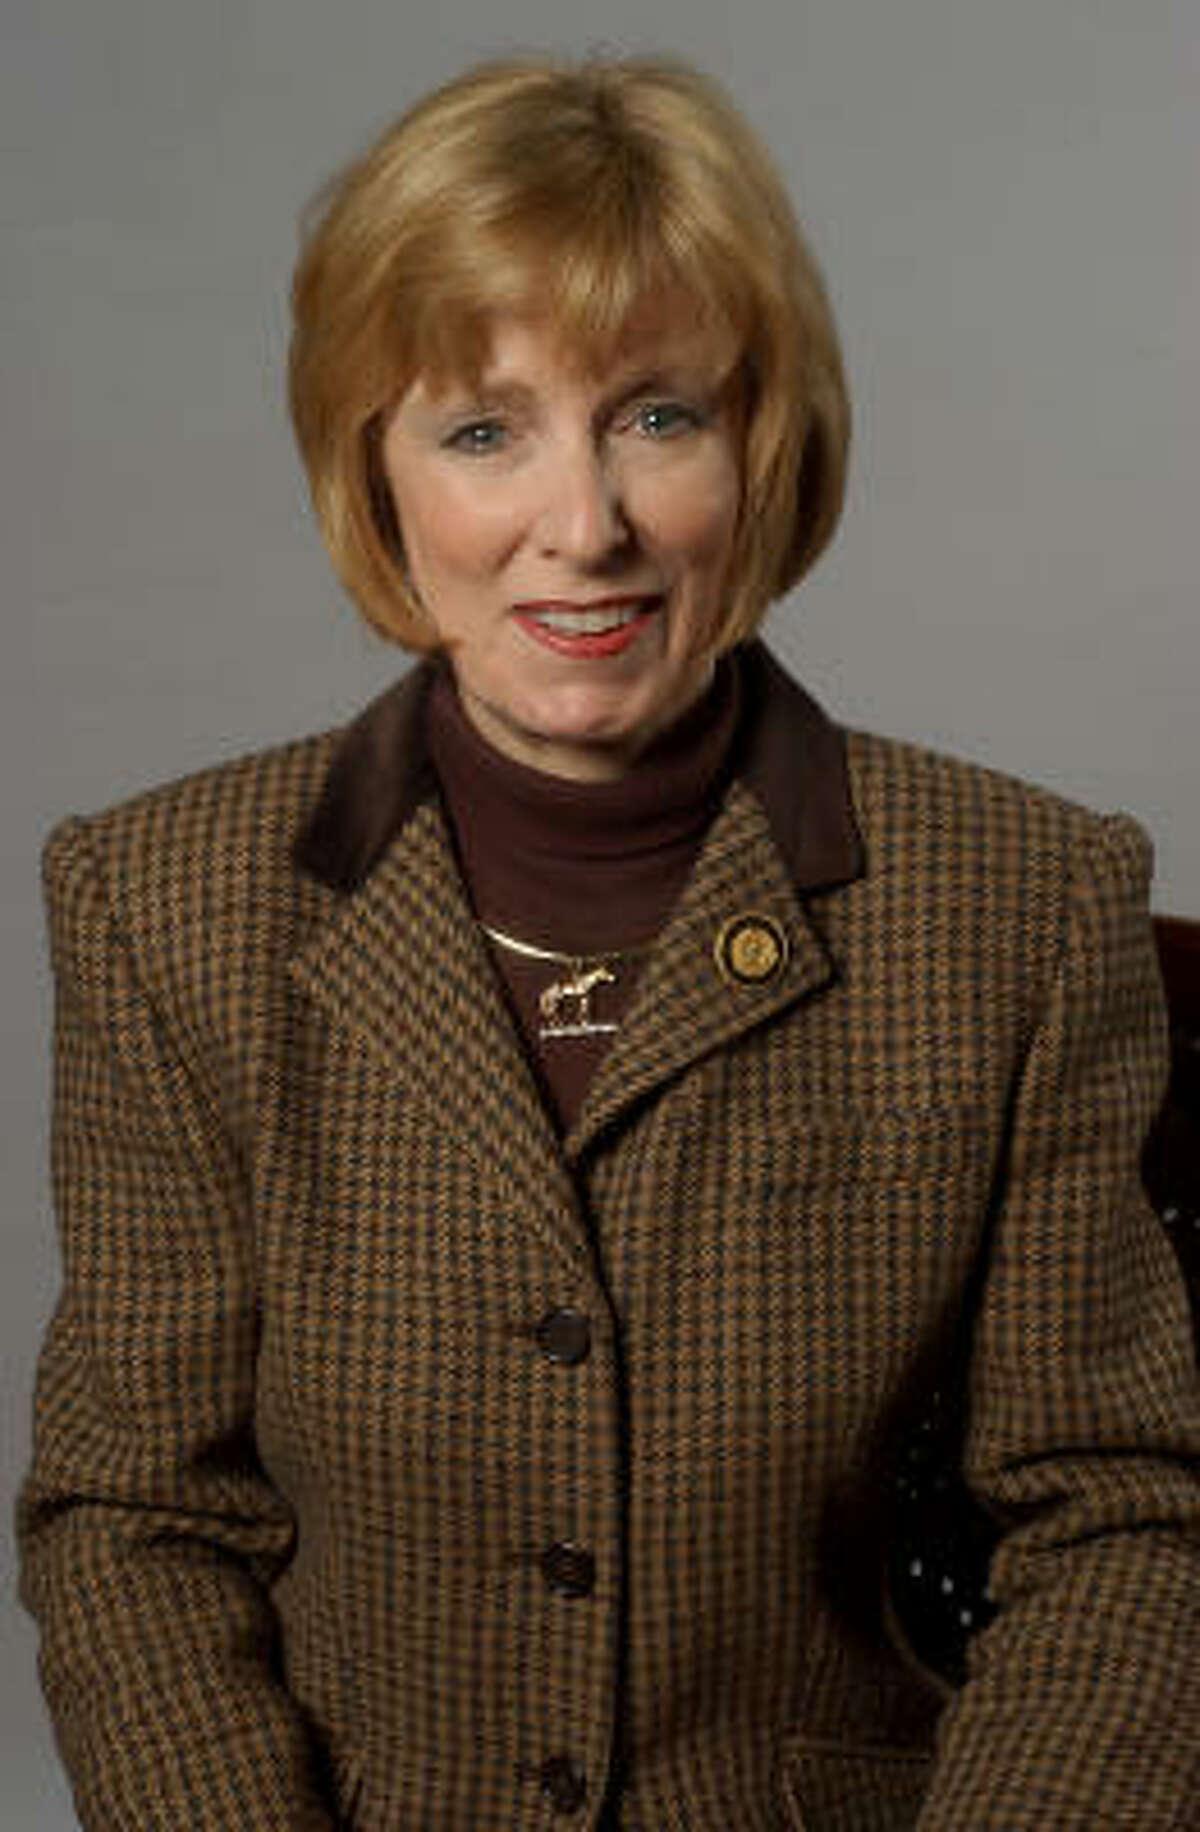 Debbie Riddle (republicana), representante por el Distrito 150, situado al noroeste de Houston, donde un 14 por ciento de la población es latino. Propone suspender licencias a negocios que contraten indocumentados.